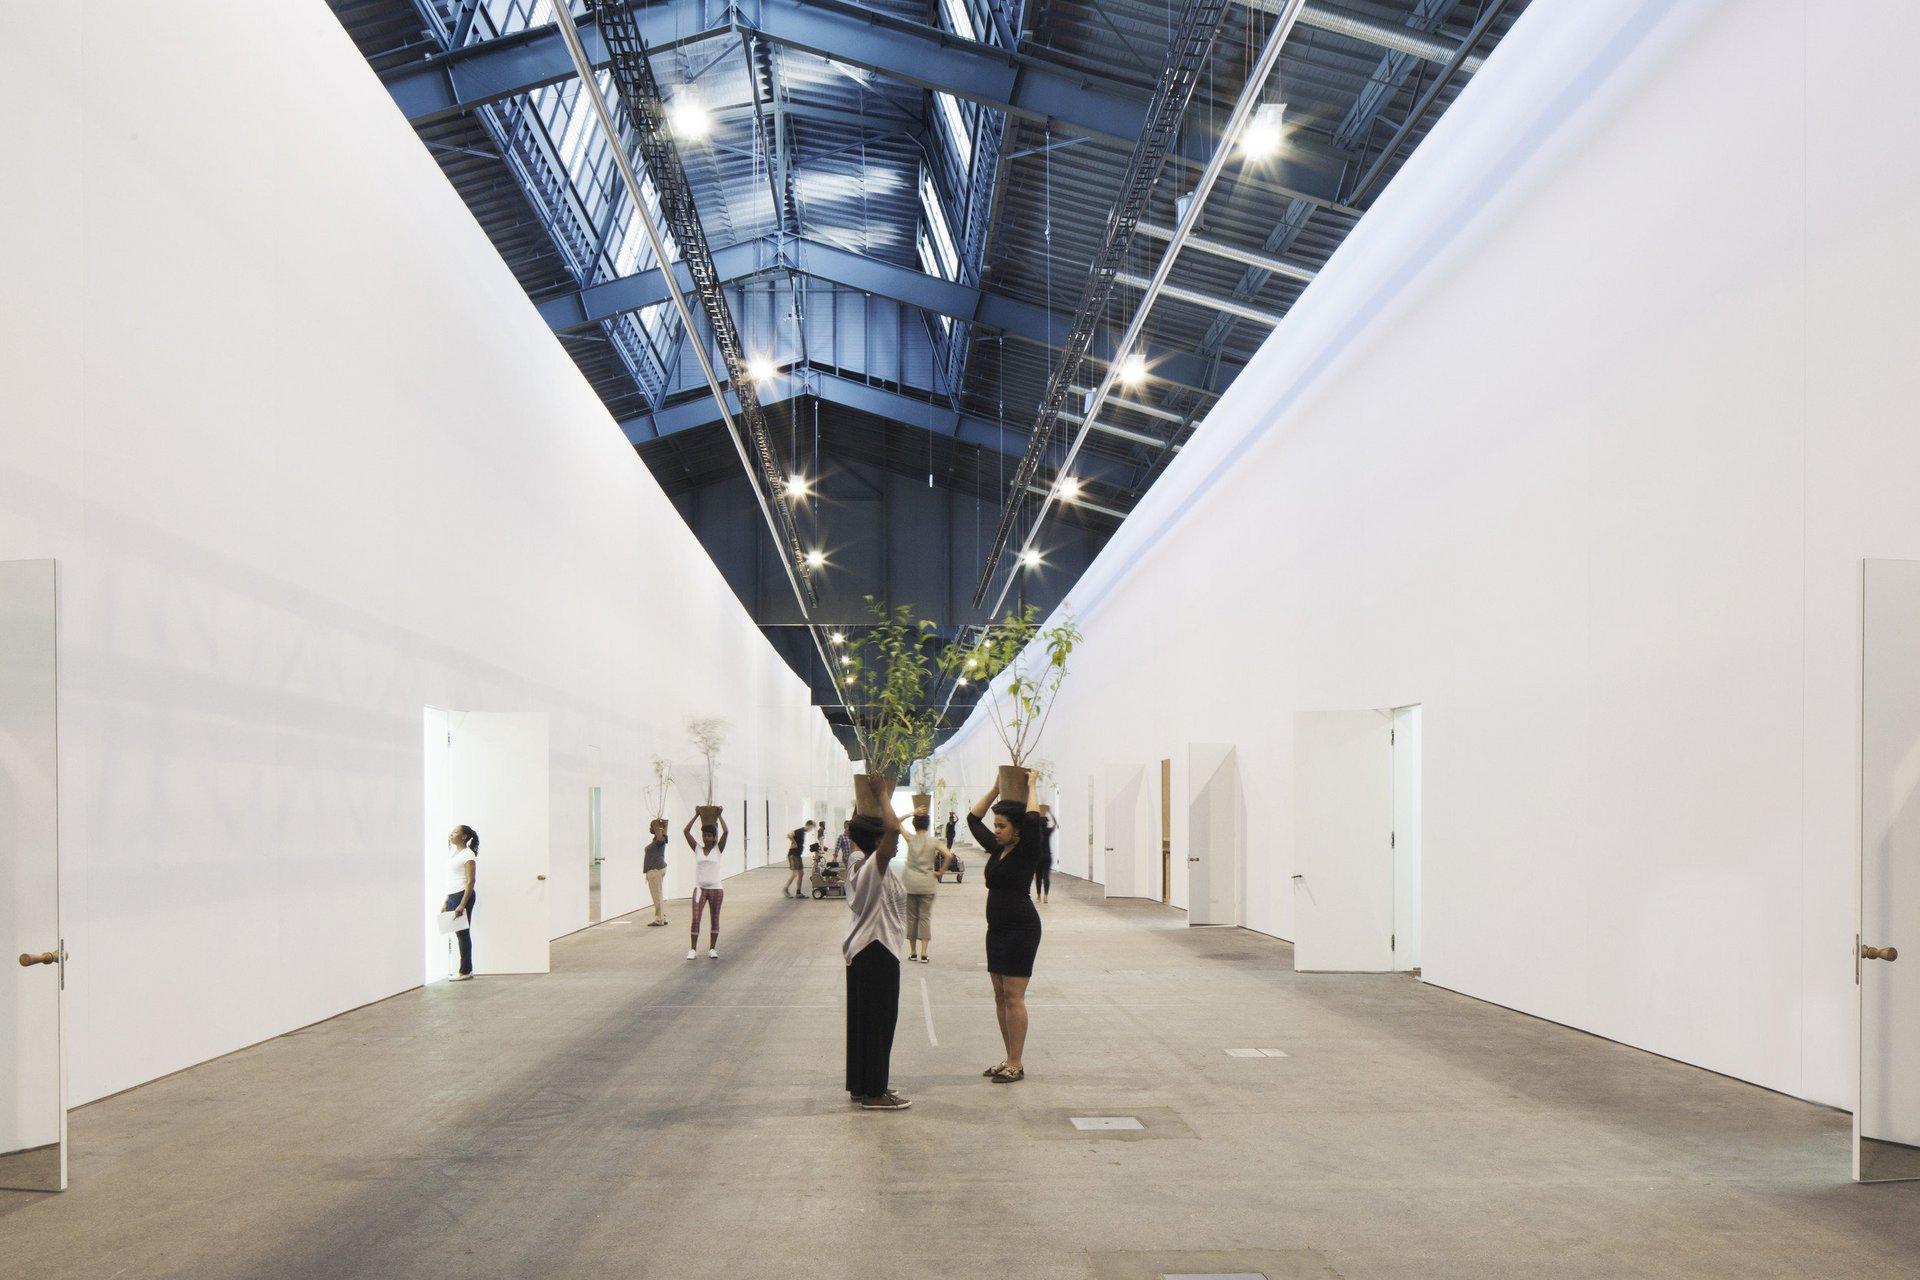 Halle mit hohen weissen Wänden und Menschen mit Blumentopf auf Kopf